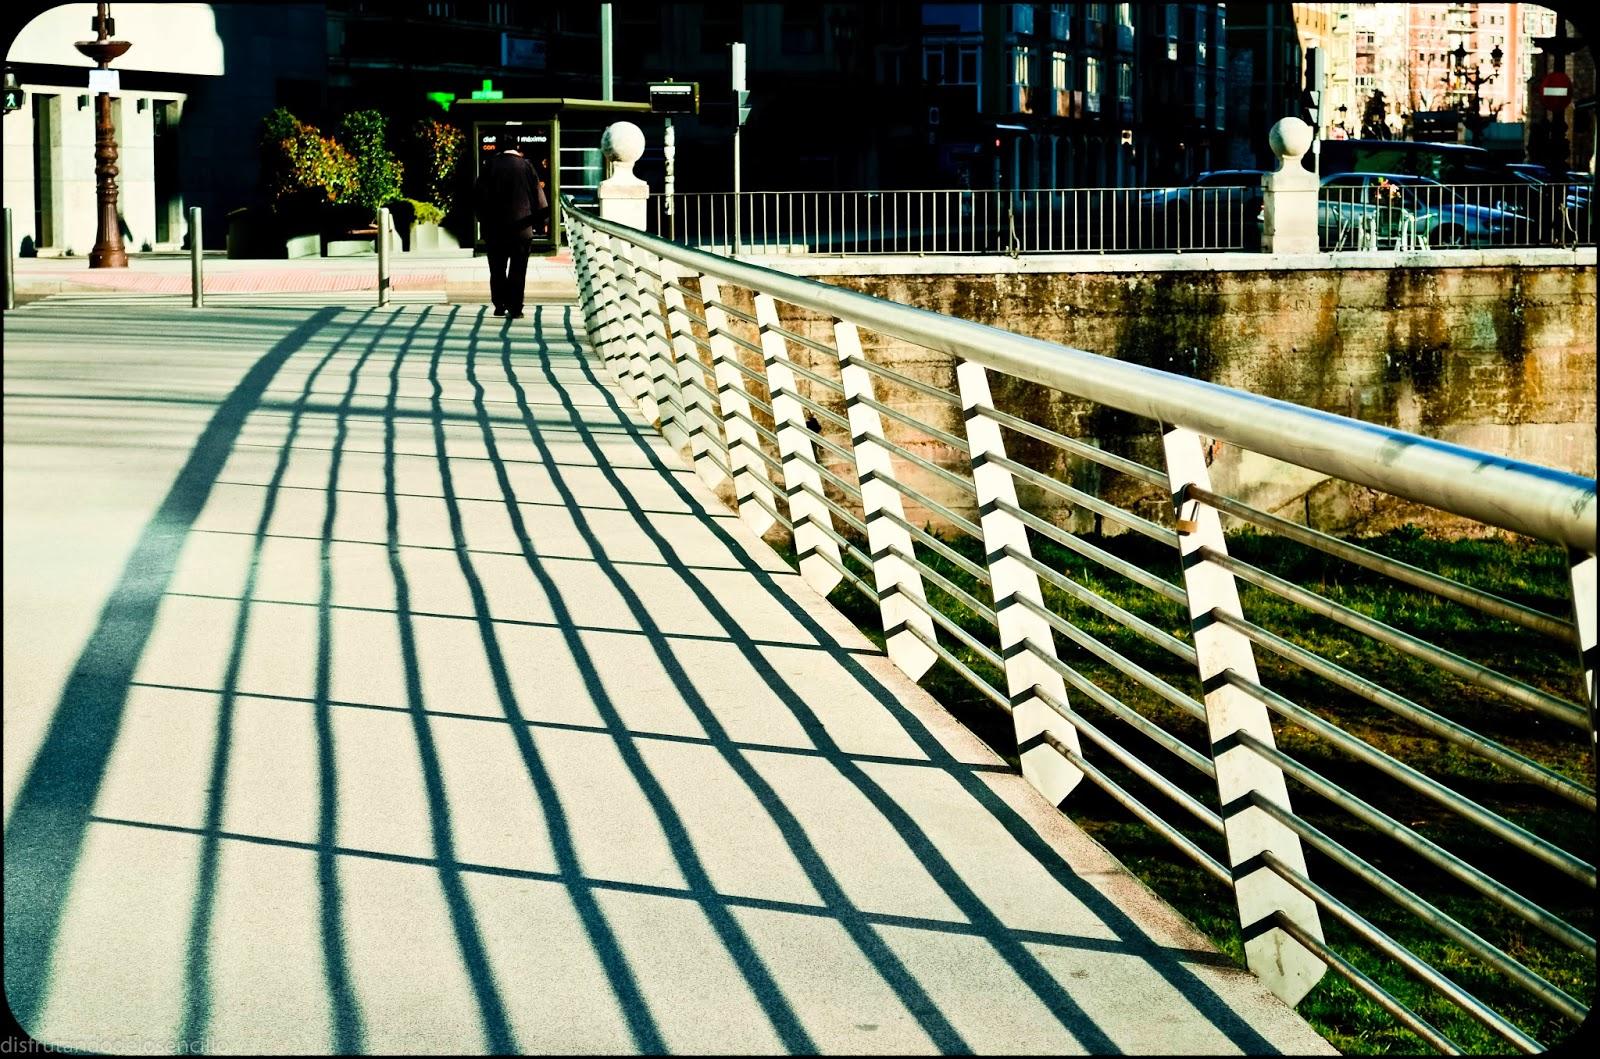 puente paseo evolución, Burgos,by c.araus